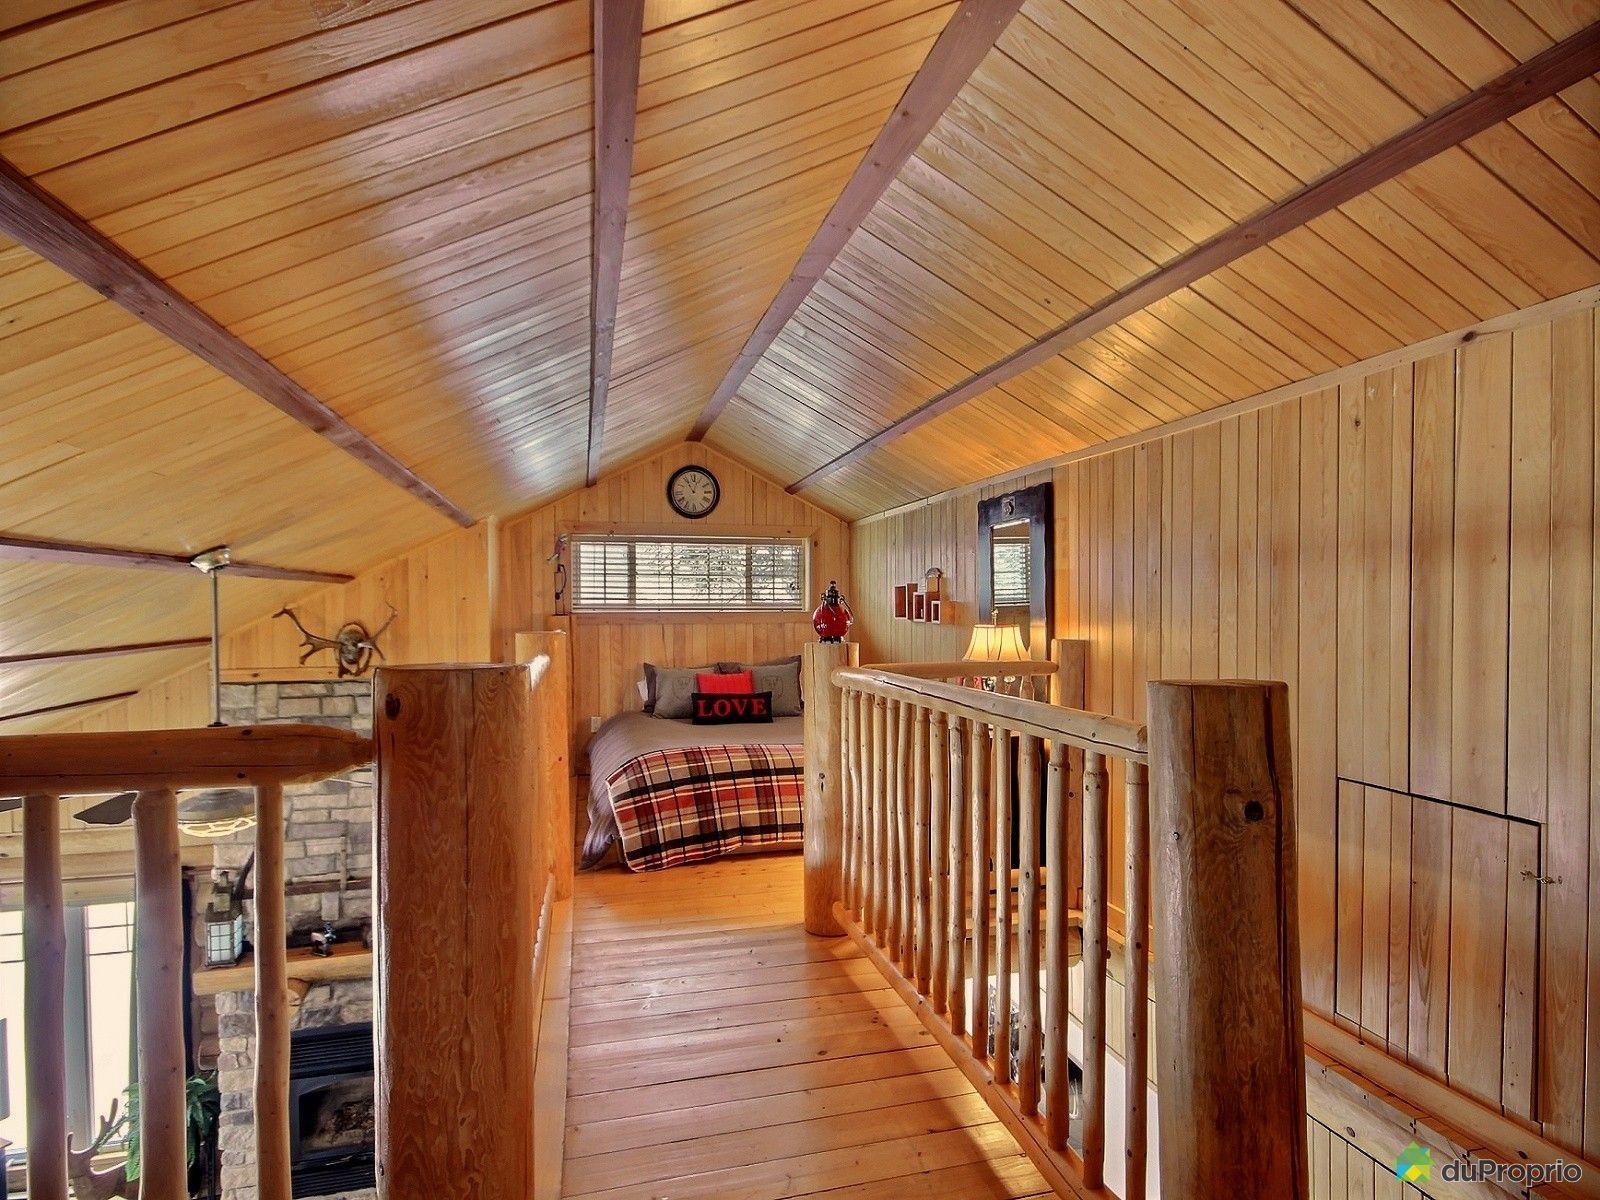 Chalet en bois a vendre for Chalet en bois avec mezzanine